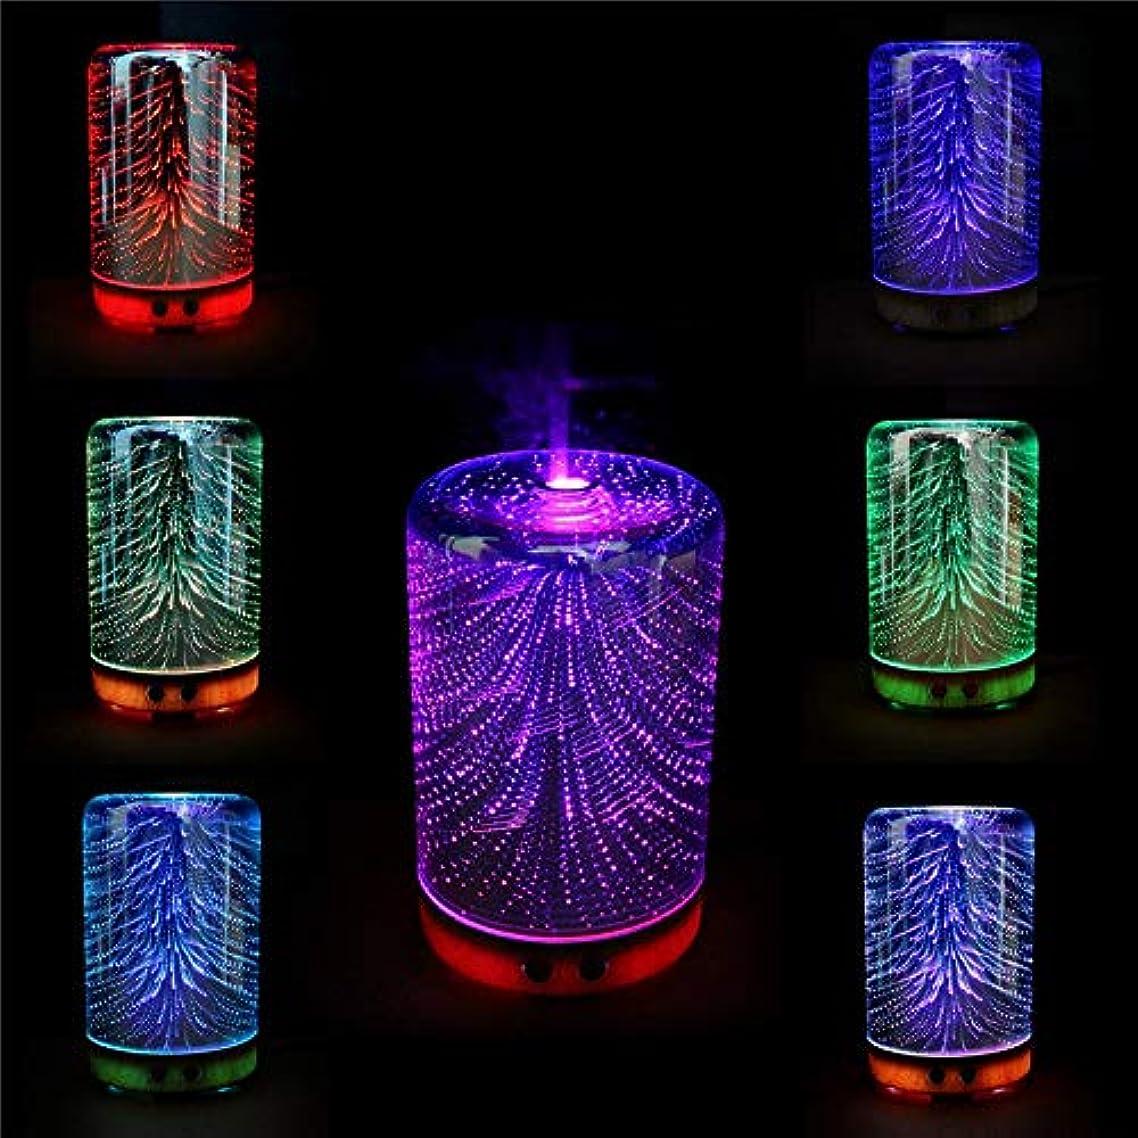 業界角度バーFishagelo Color Changing 3D Lighting Essential Oil Aroma Diffuser Ultrasonic Mist Humidifier Aromatherapy 141[...